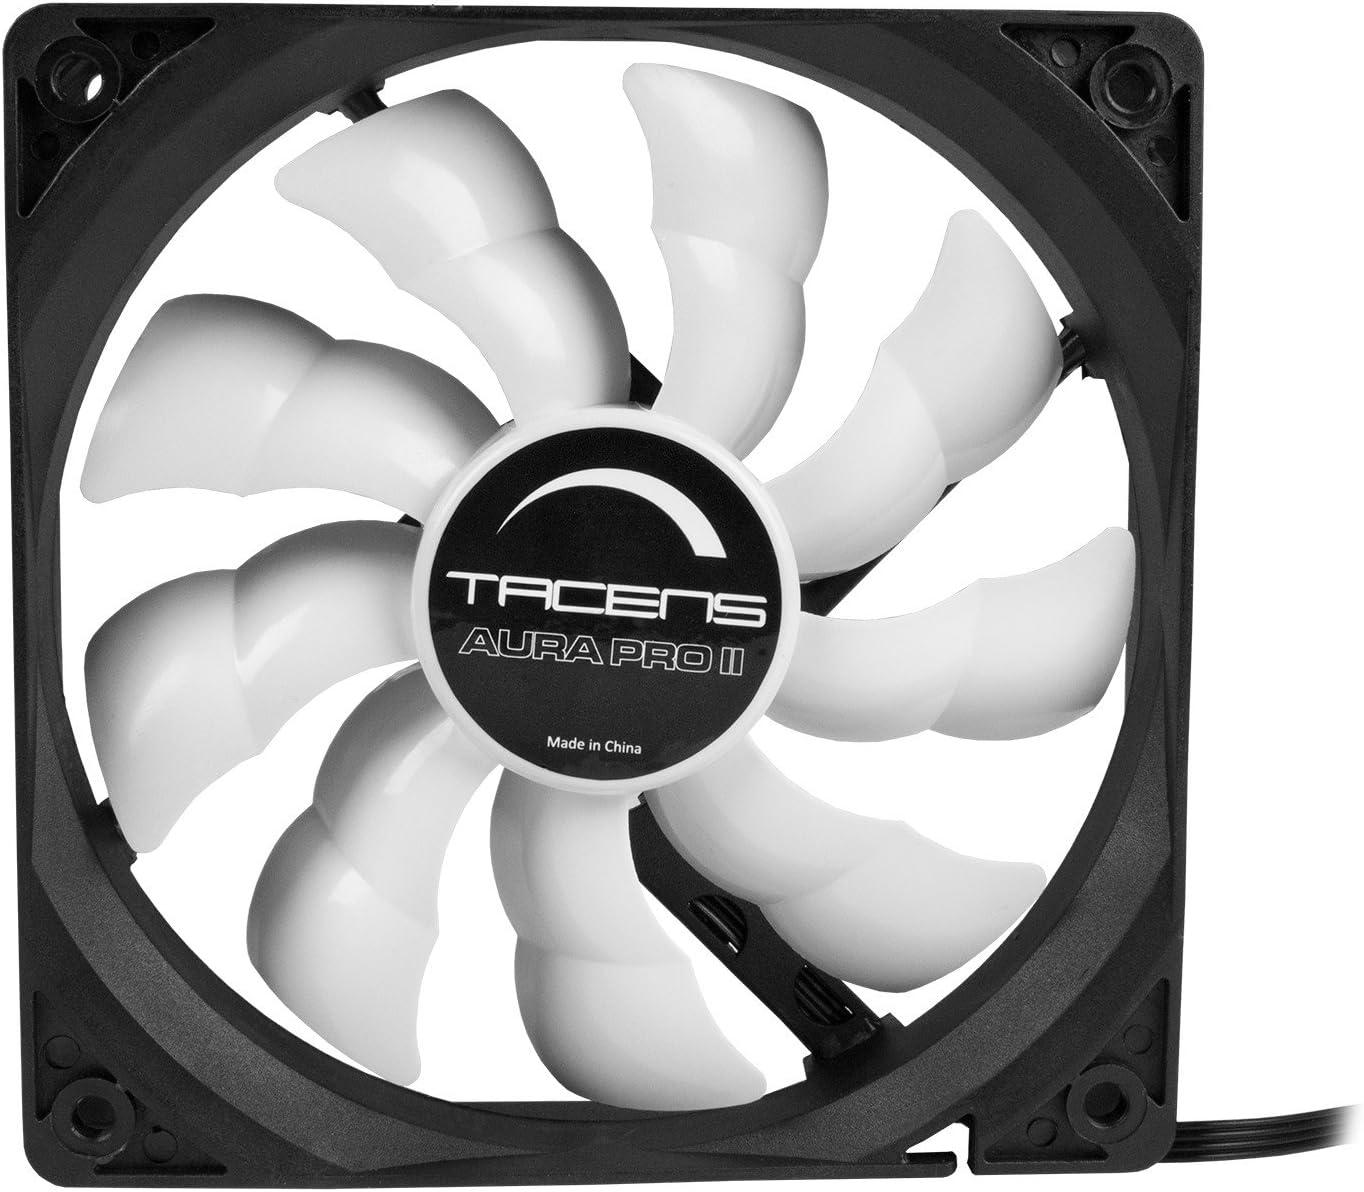 Tacens Aura Pro II - Ventilador para ordenador (12 cm, adaptadores de velocidad, PWM, ultra silencioso, anti-vibraciones), negro